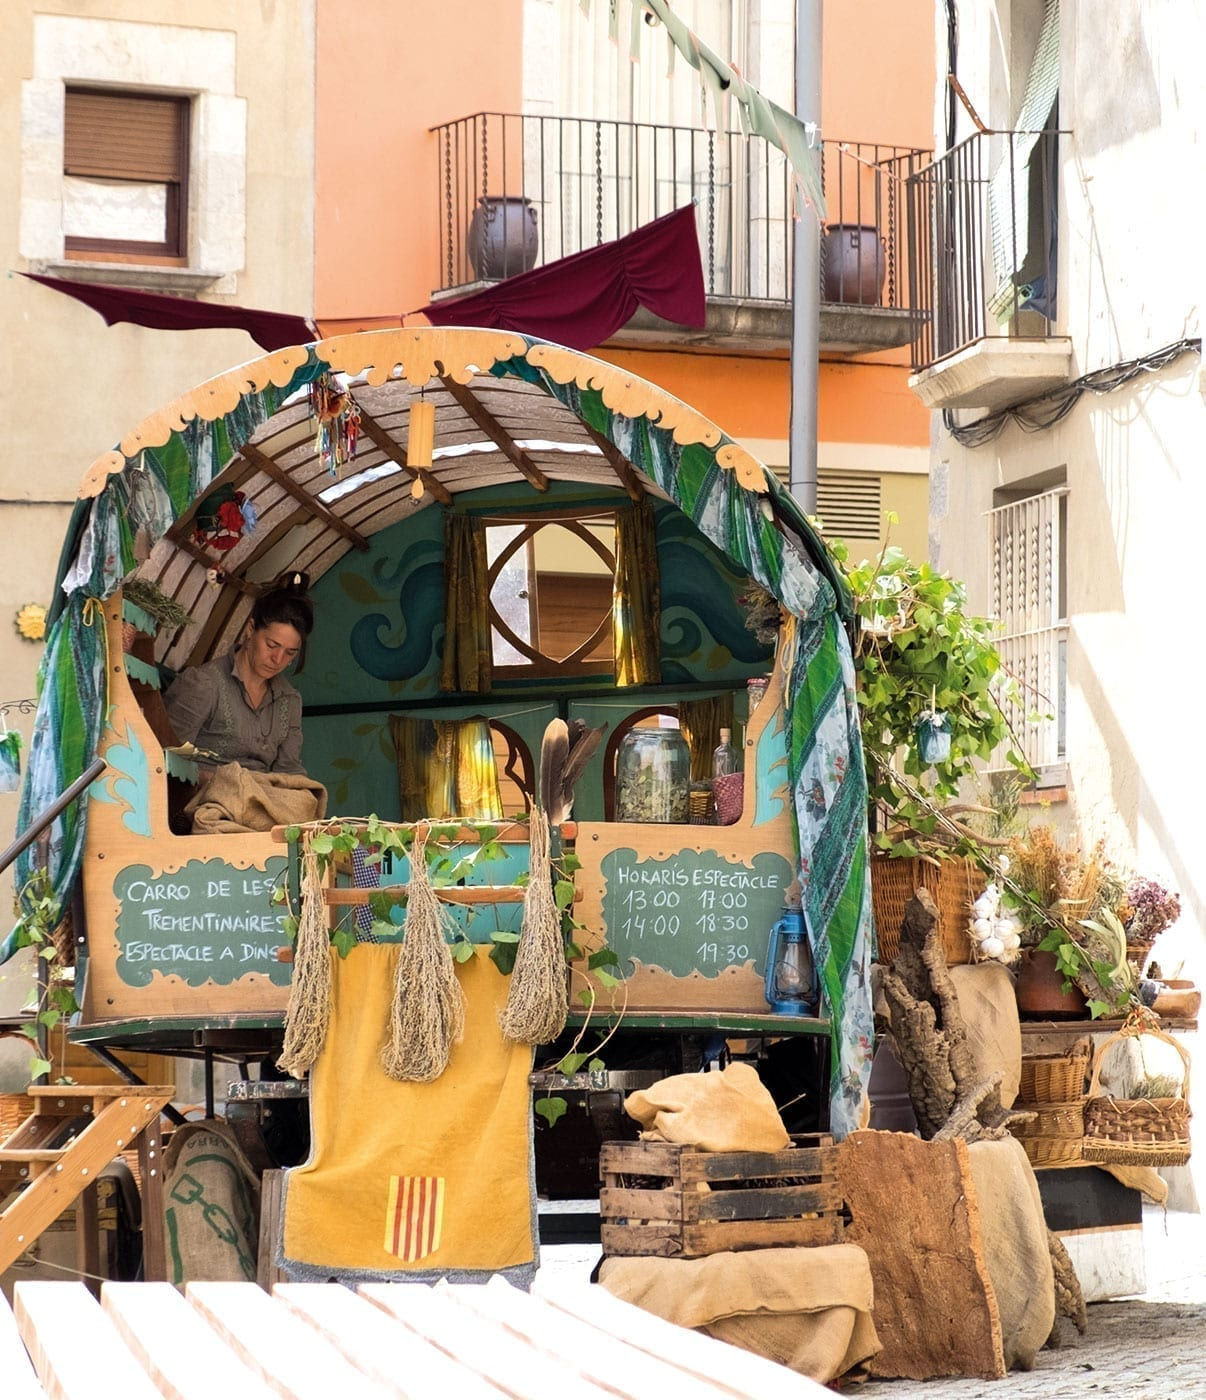 Festival Terra de Trobadors Castello d'Empúries, costa brava, medieval, live music, september event